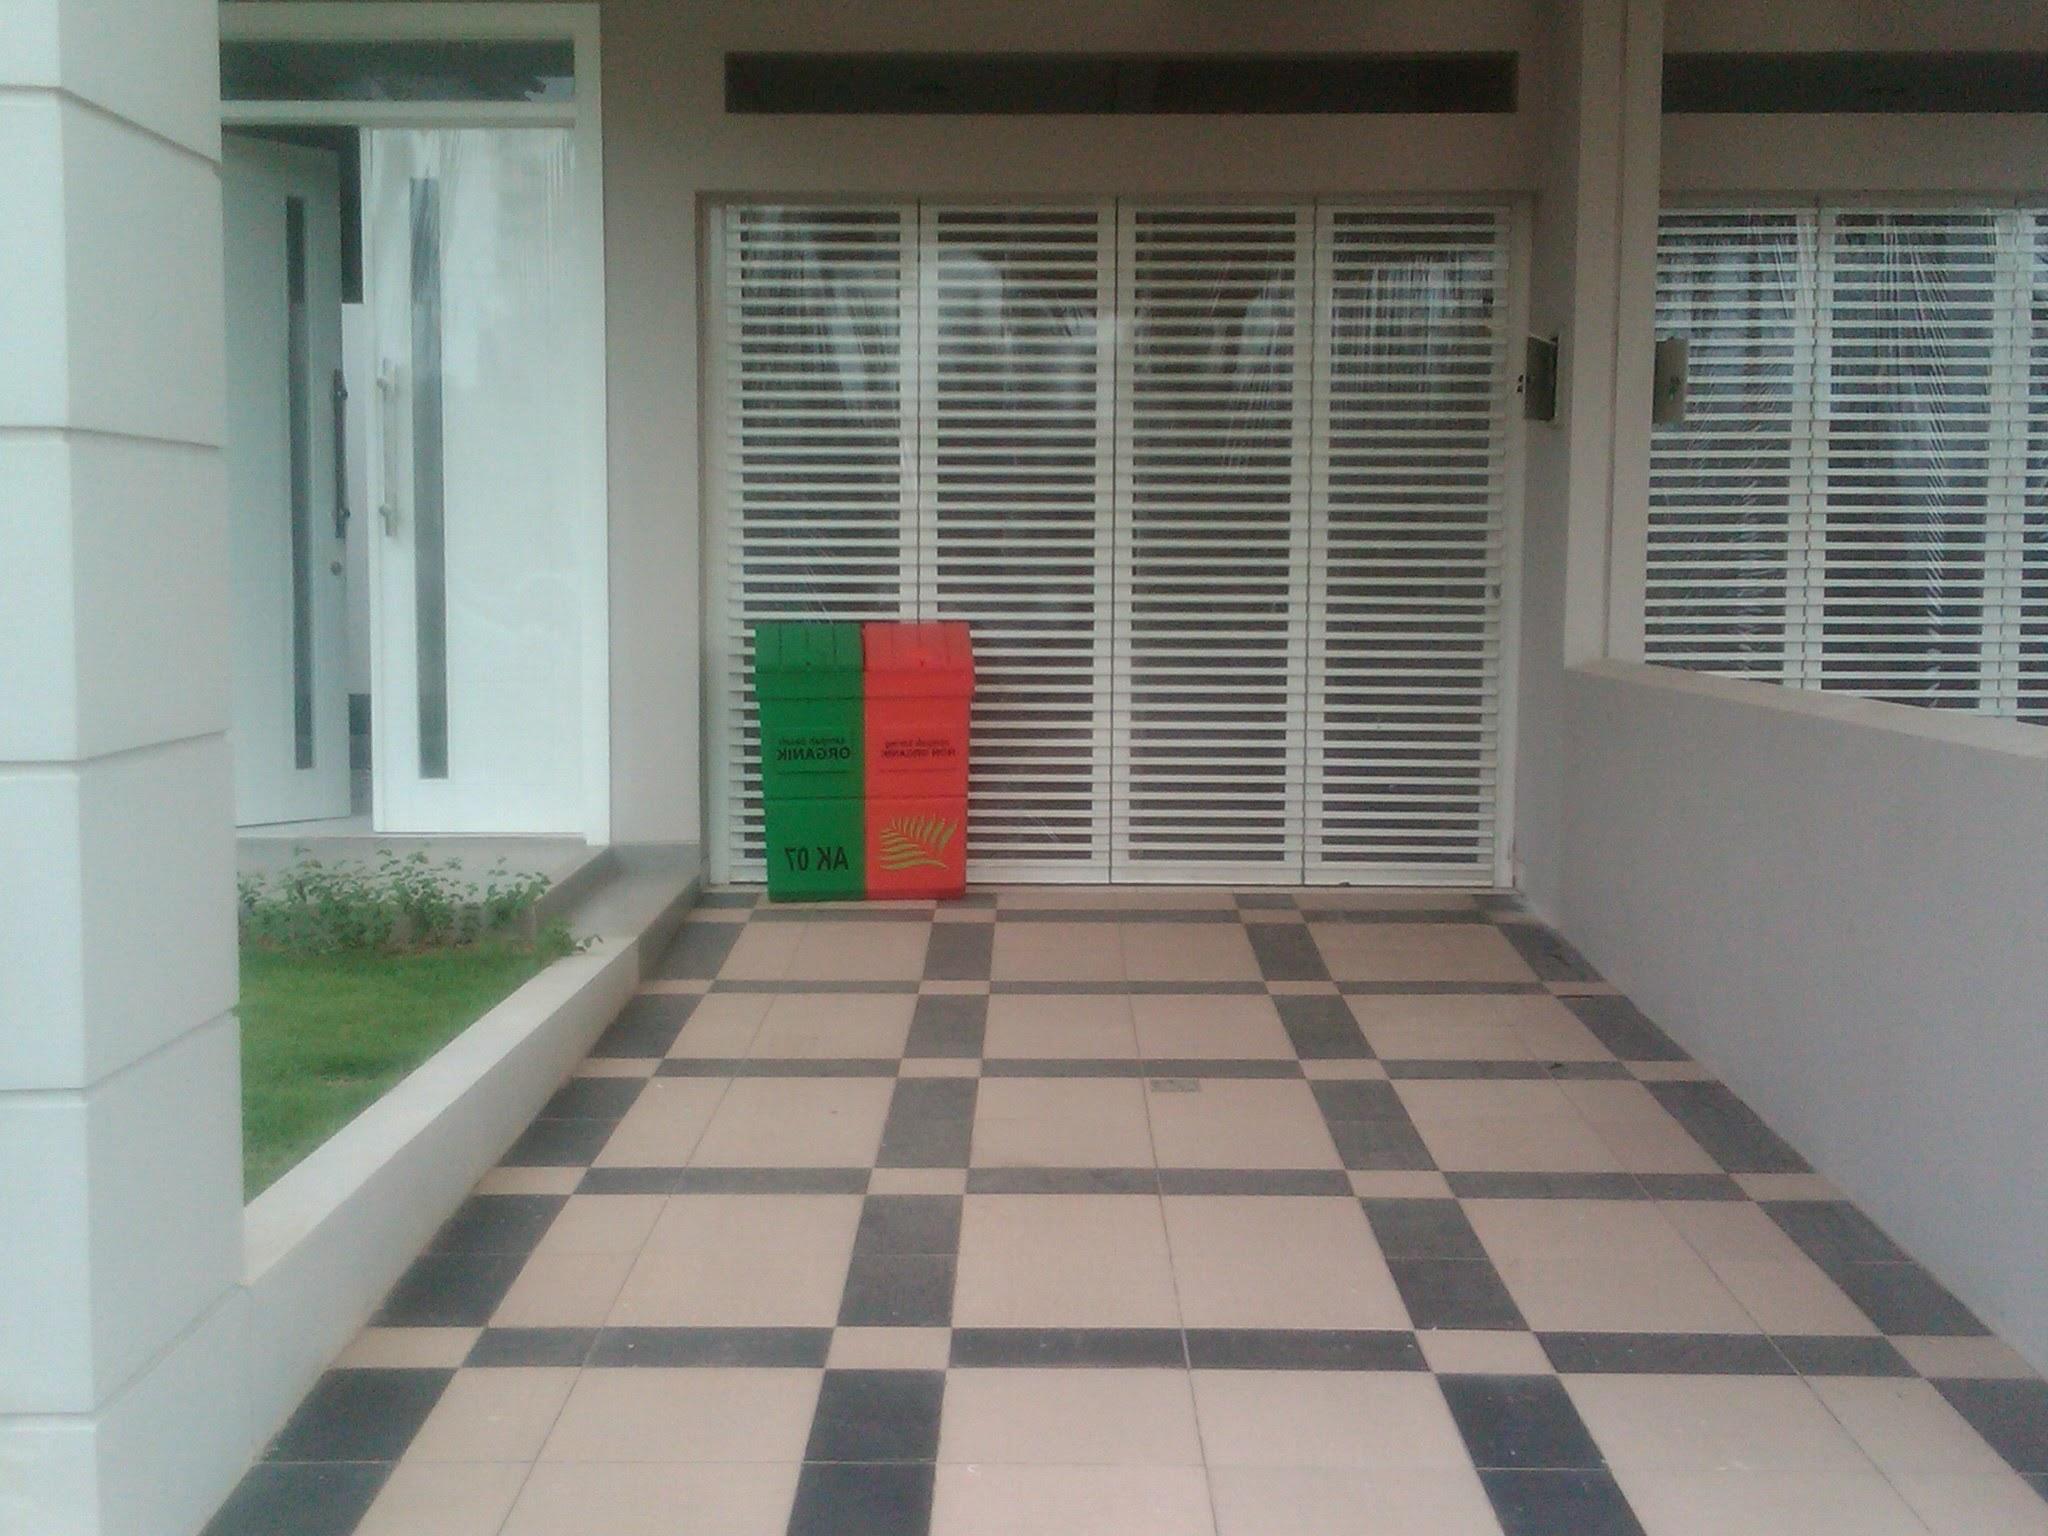 25 Desain Garasi  Mobil Minimalis  Terbaru 2019 Housepaper net